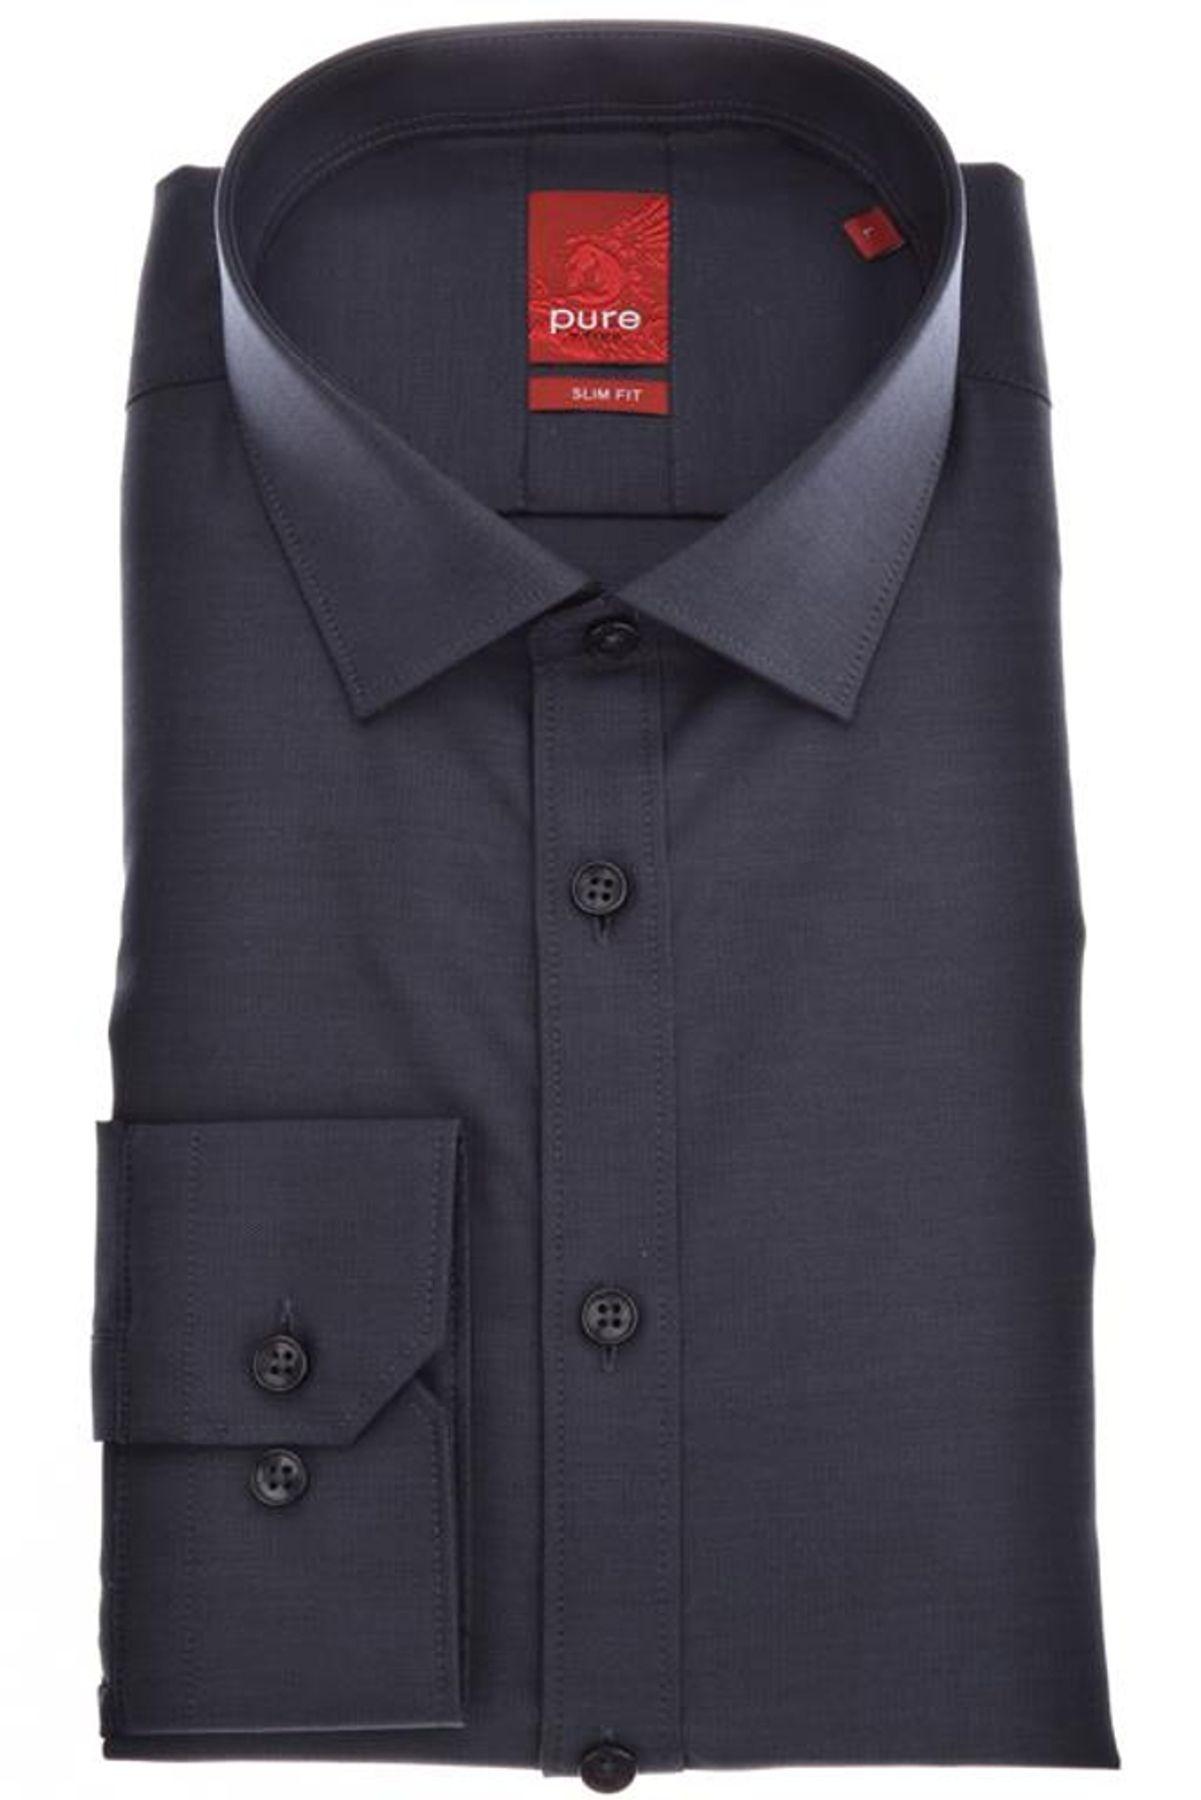 Pure - Slim Fit - Herren Langarm Hemd, verschiedene Farben, XS-XXL (3376-128) – Bild 2